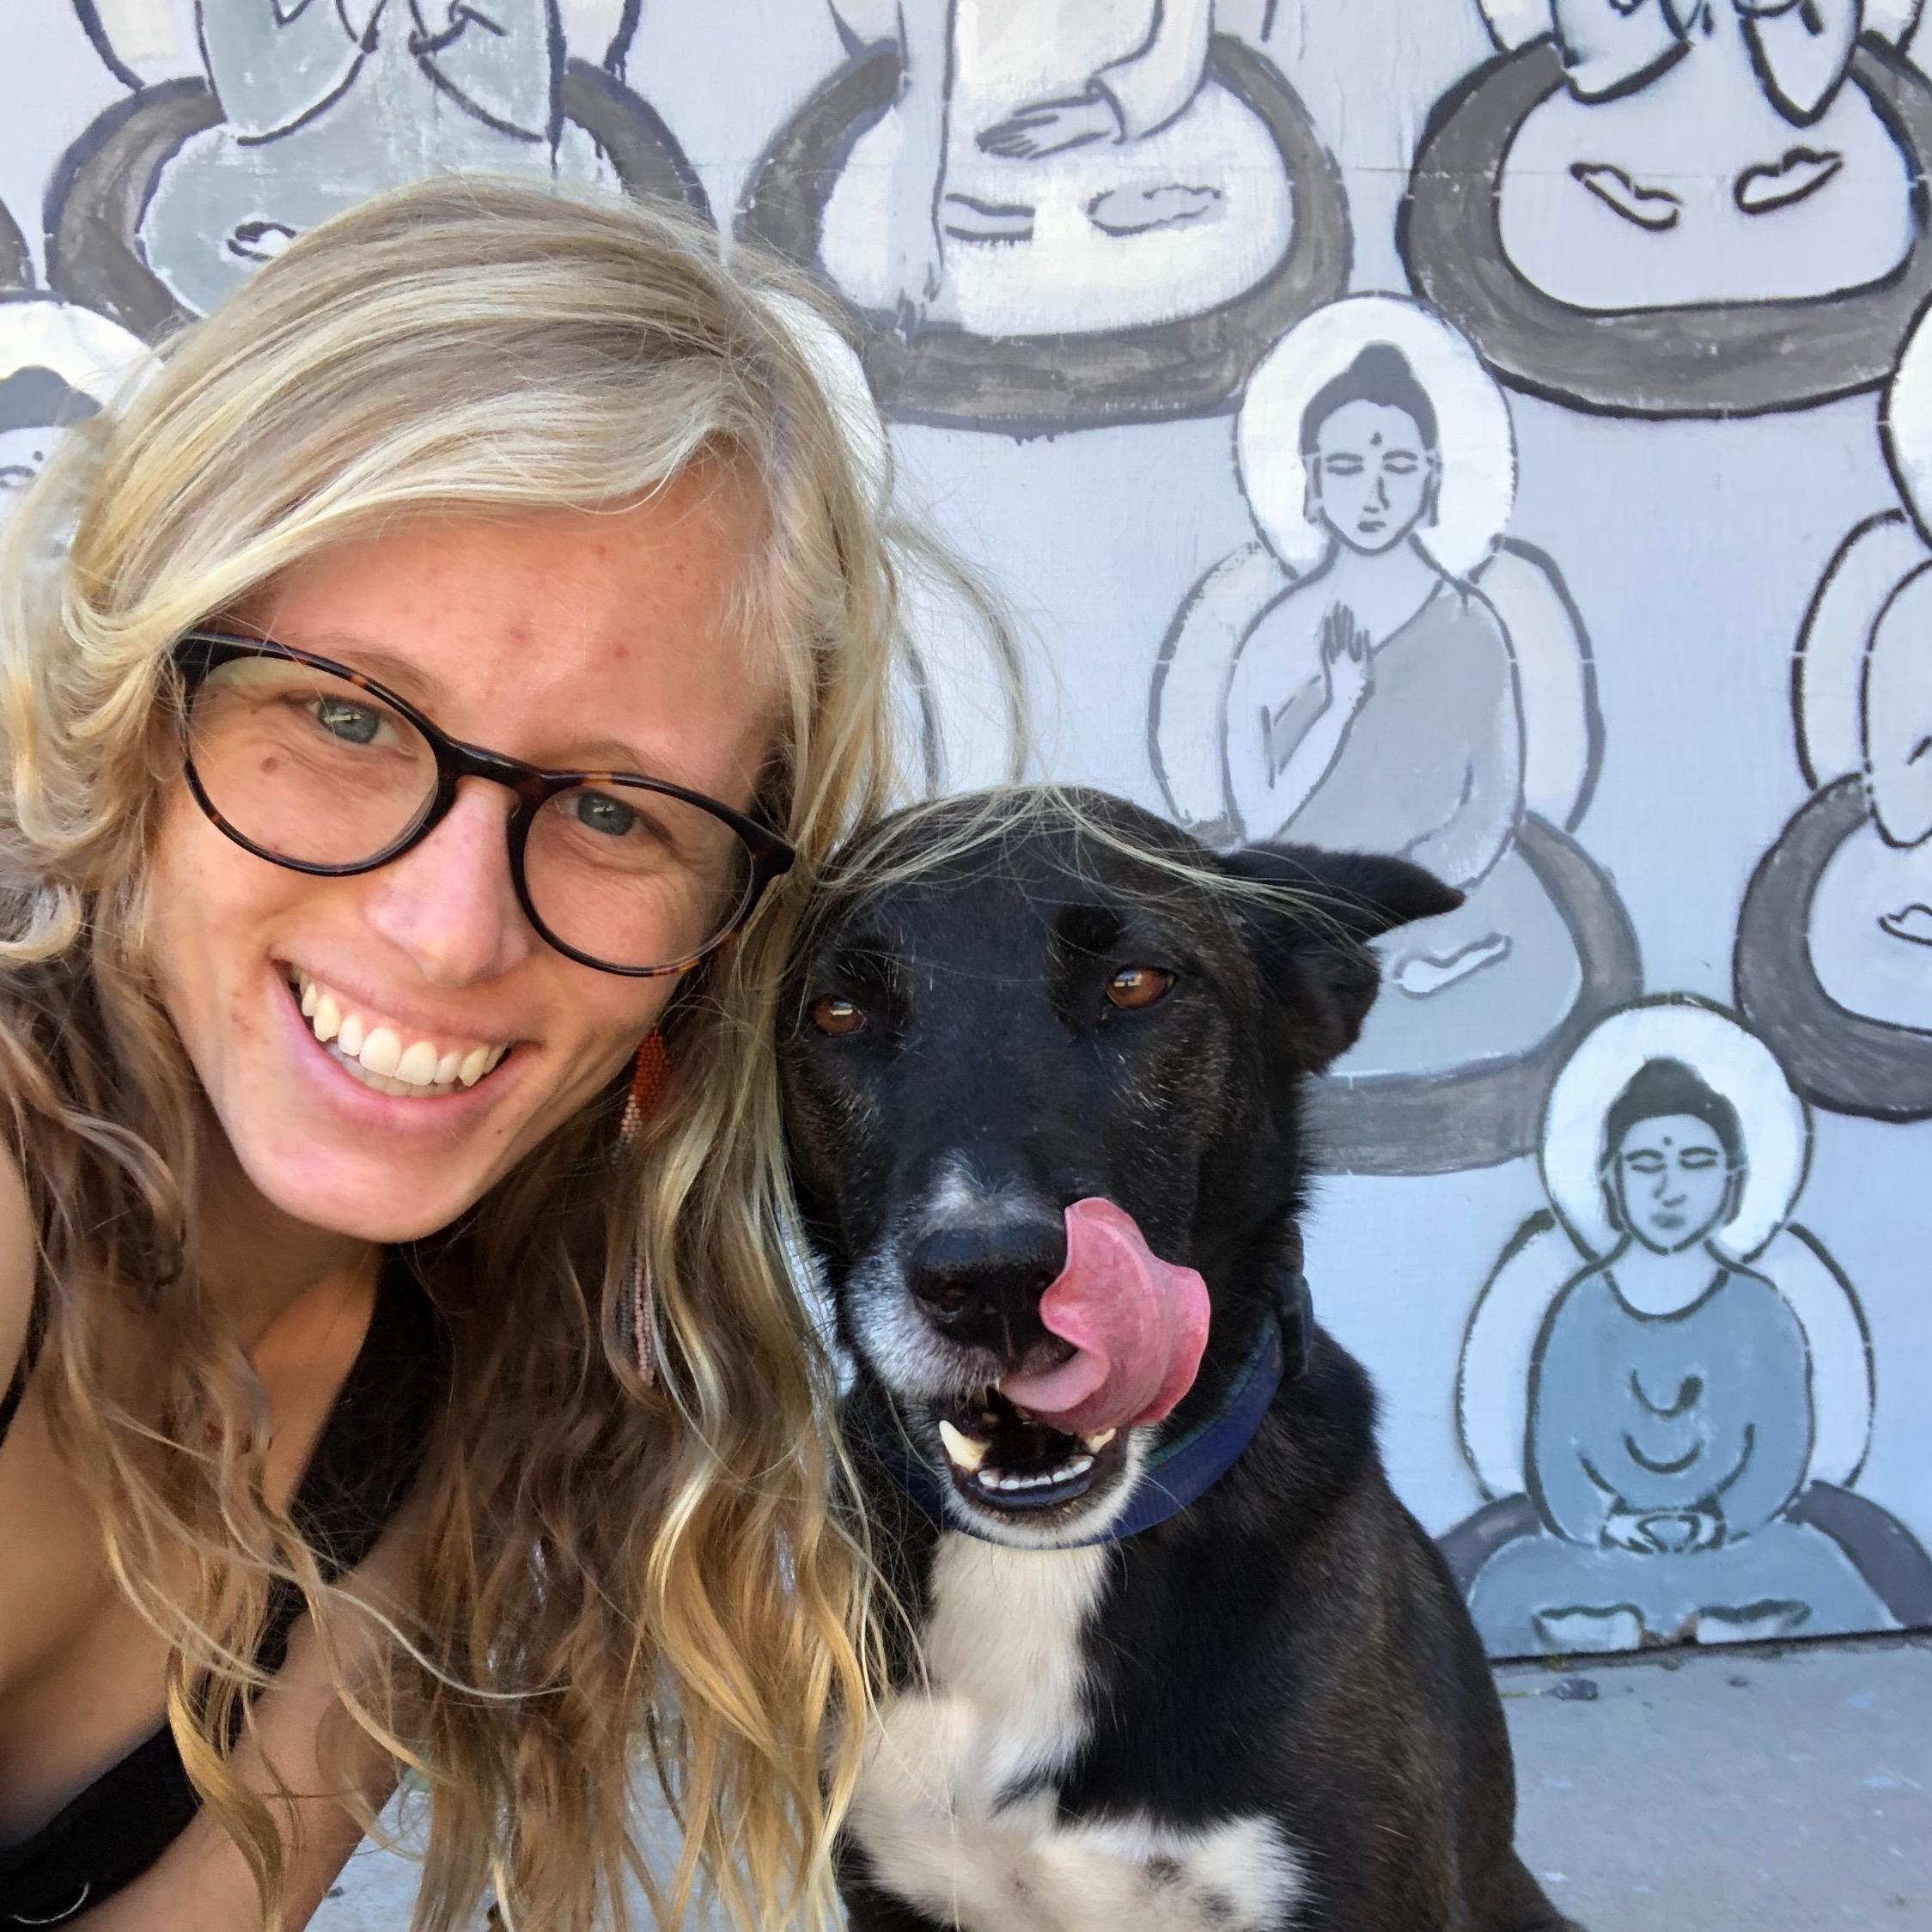 Brenna's dog day care